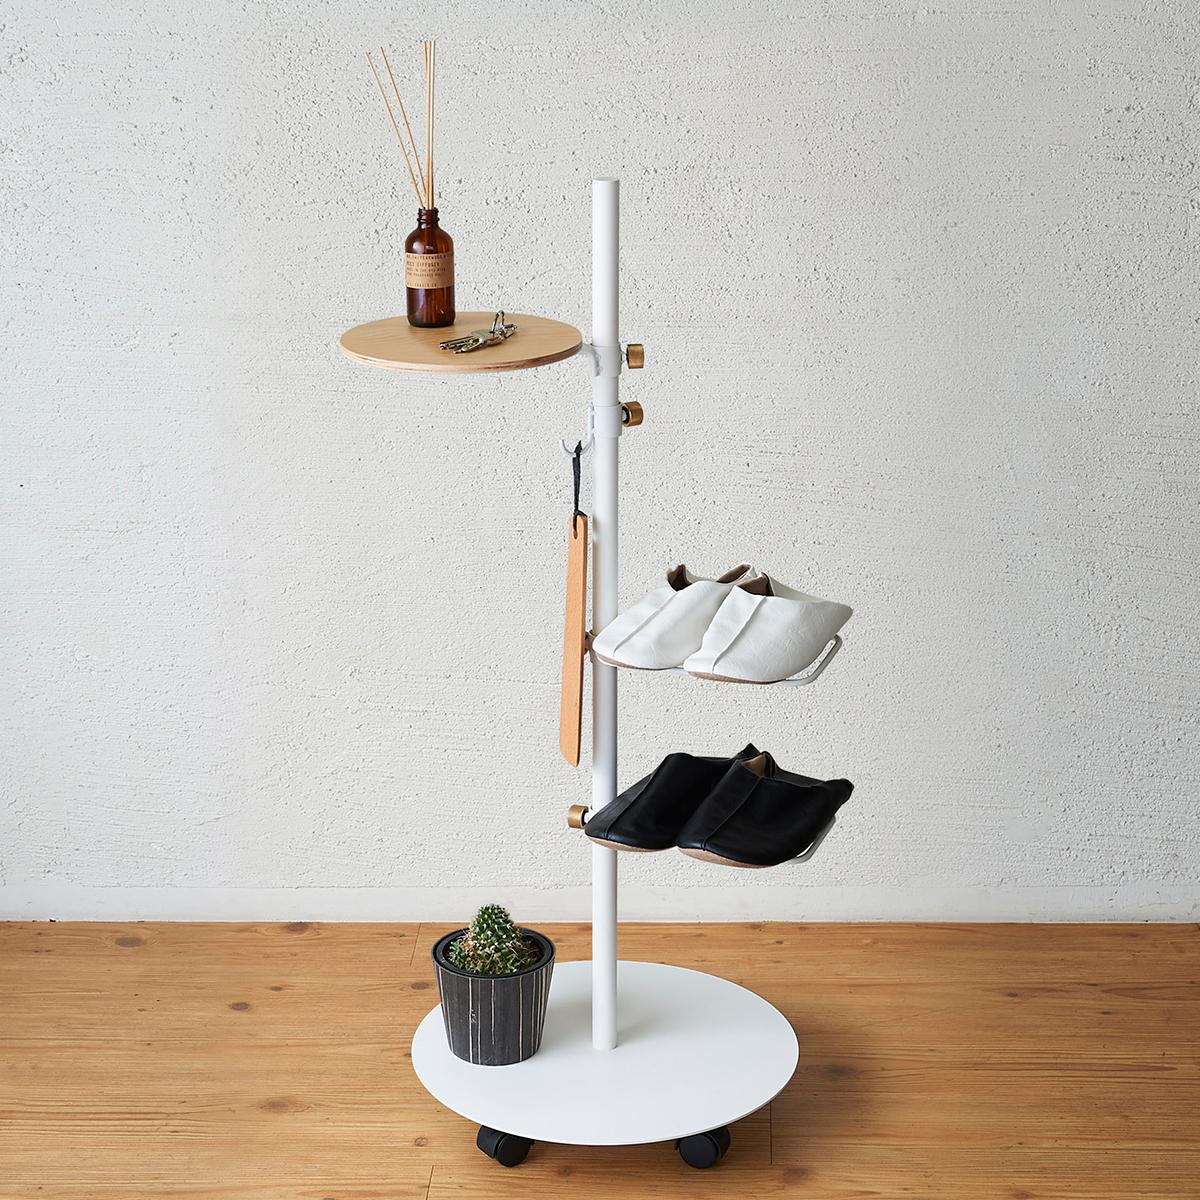 「シューラック」があれば、靴やスリッパをちょうど1足分置けます。場所をとりがちな傘立て代わりにも。キャスター台つきポール「Move Rod(ムーブロッド)」|DRAW A LINE(ドローアライン)